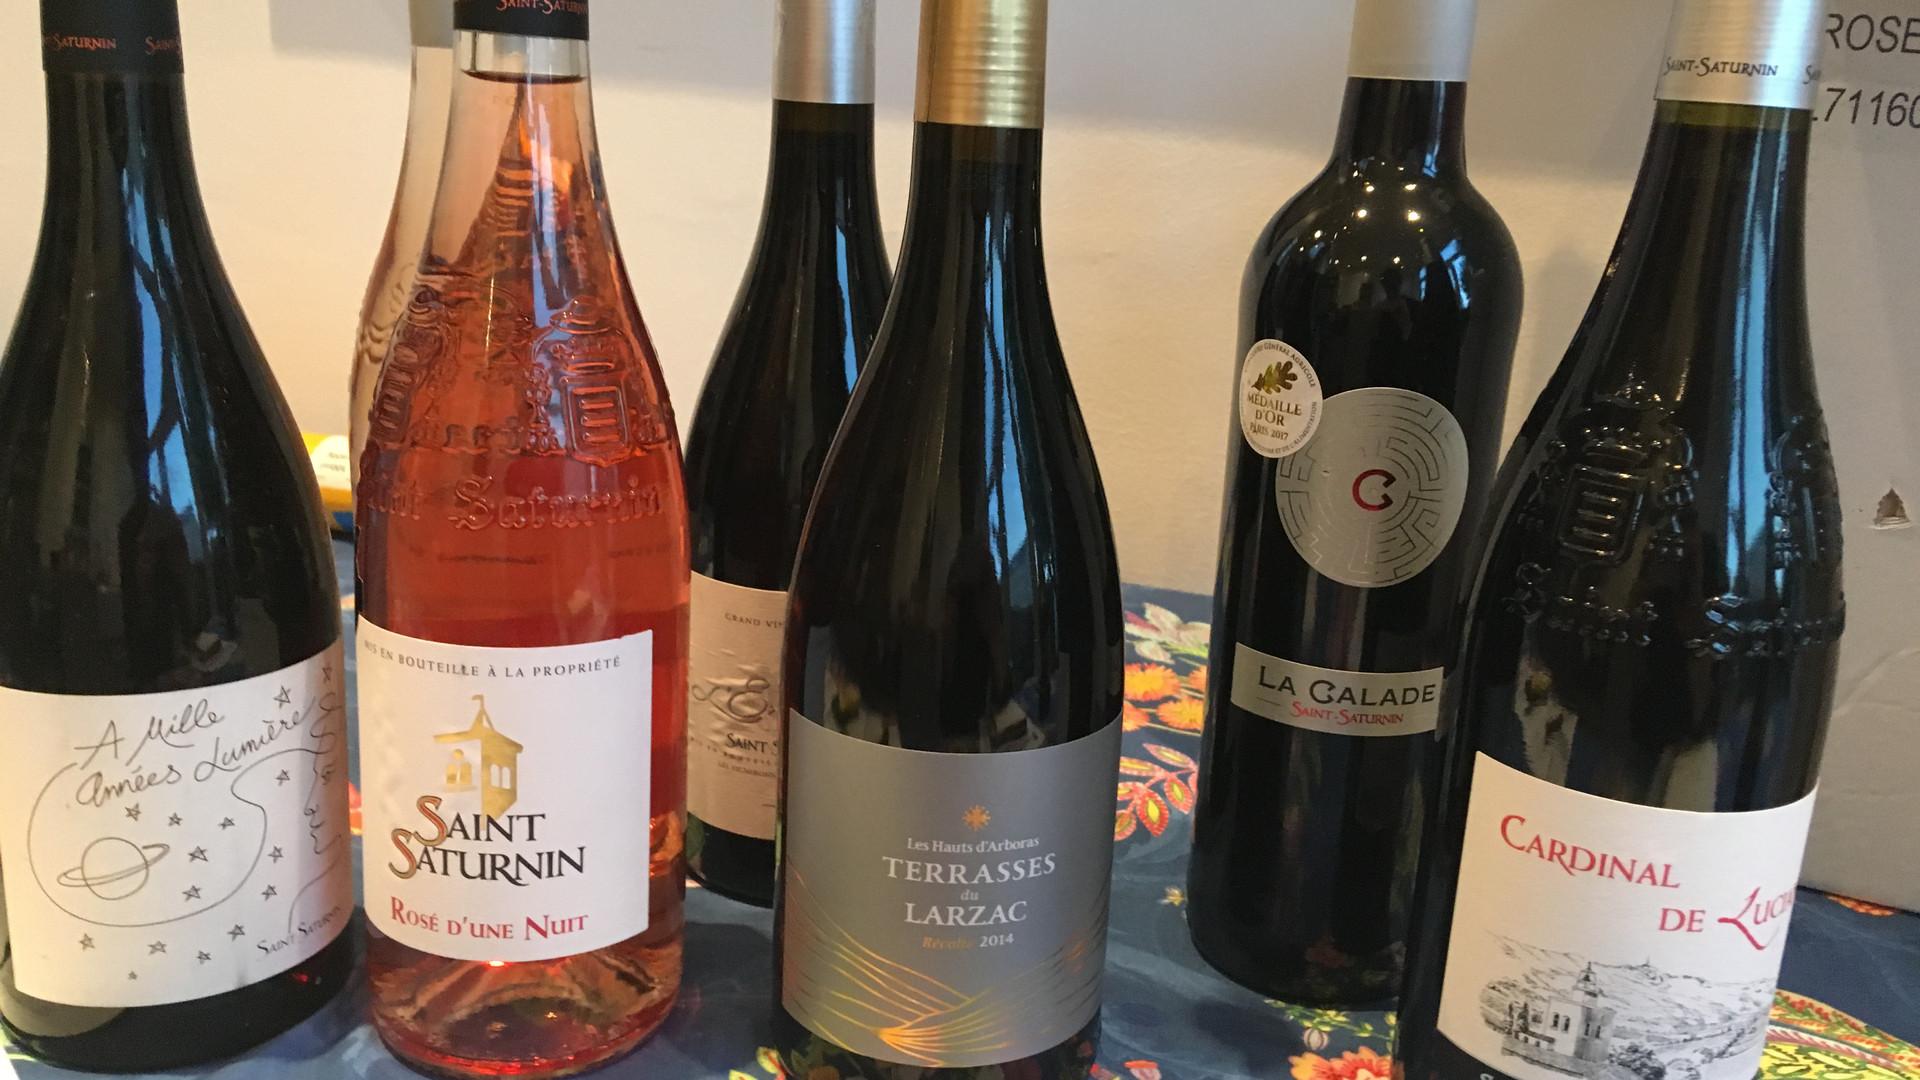 St Sat bottles 2.JPG